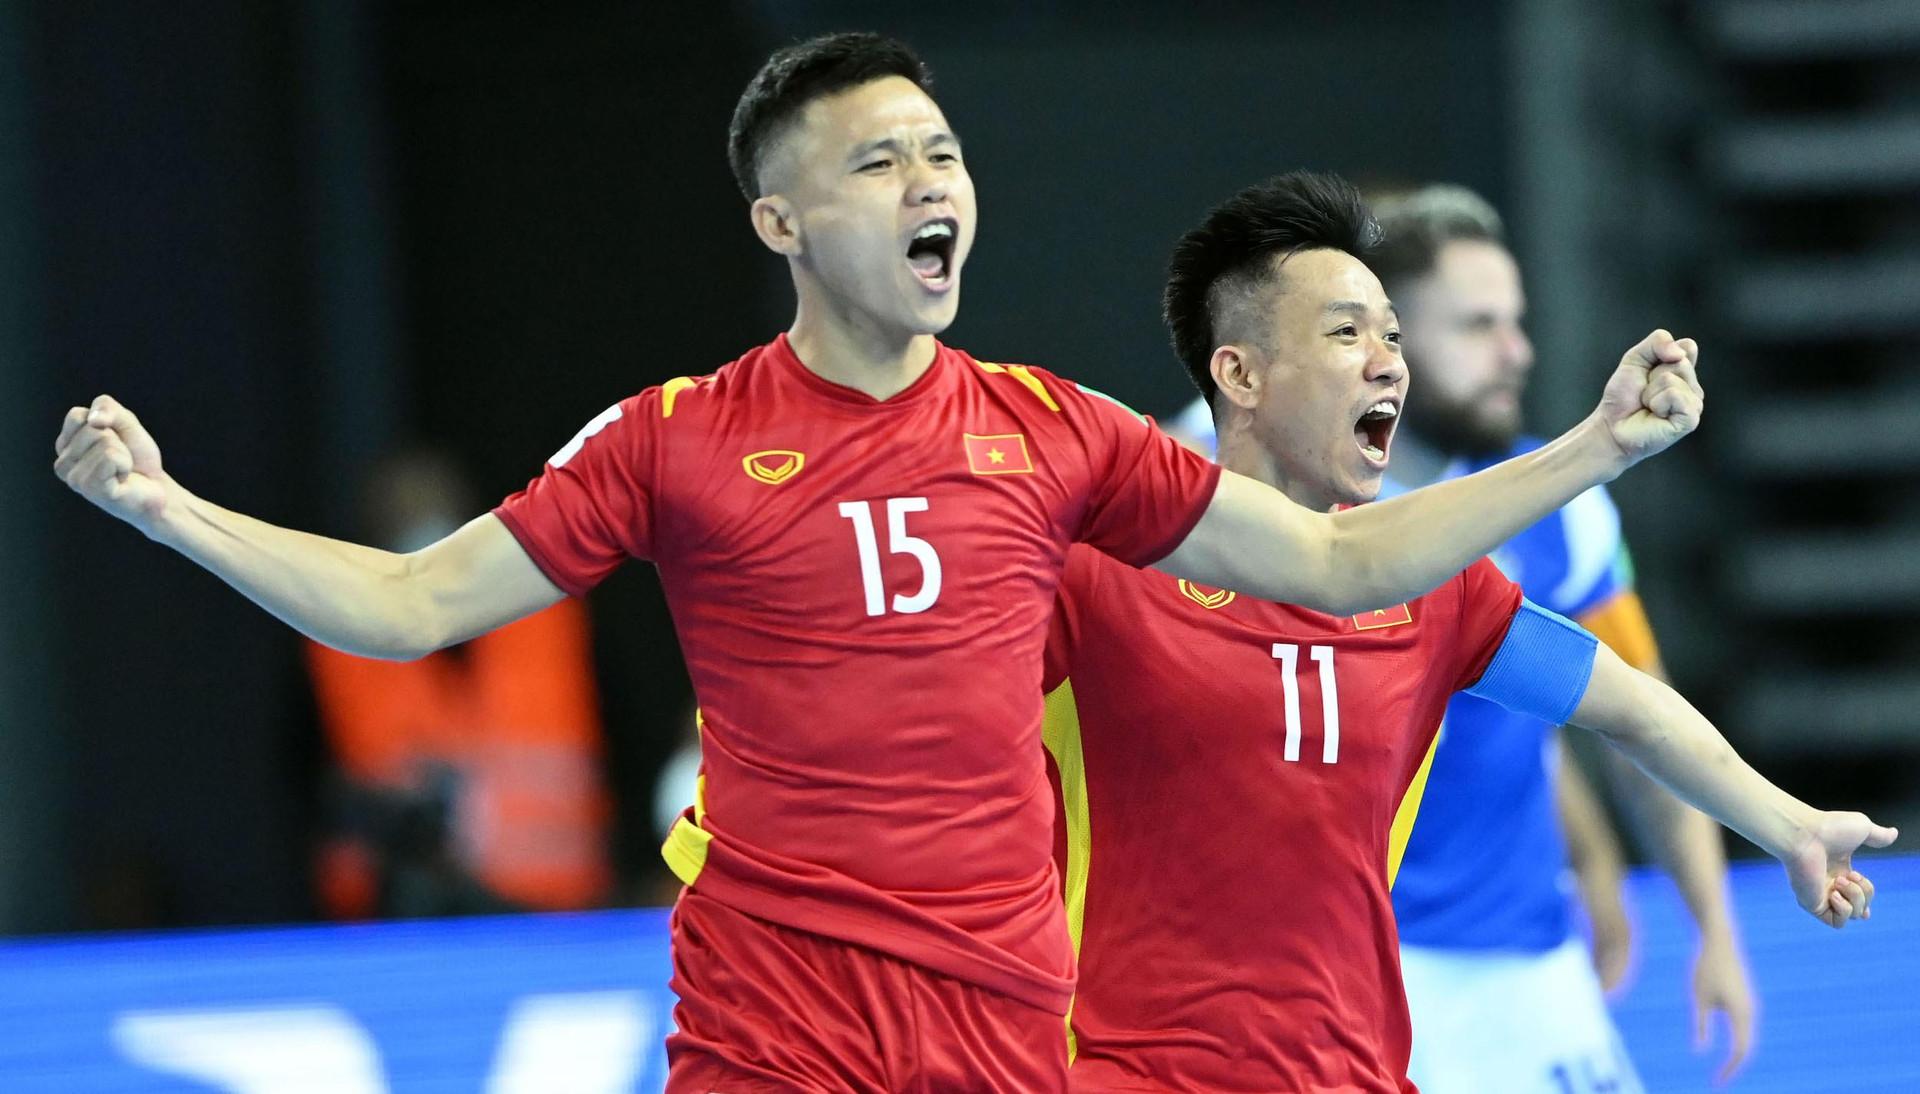 HLV Phạm Minh Giang: 'Tuyển Việt Nam hạnh phúc với bàn thắng vào lưới Brazil' - 1